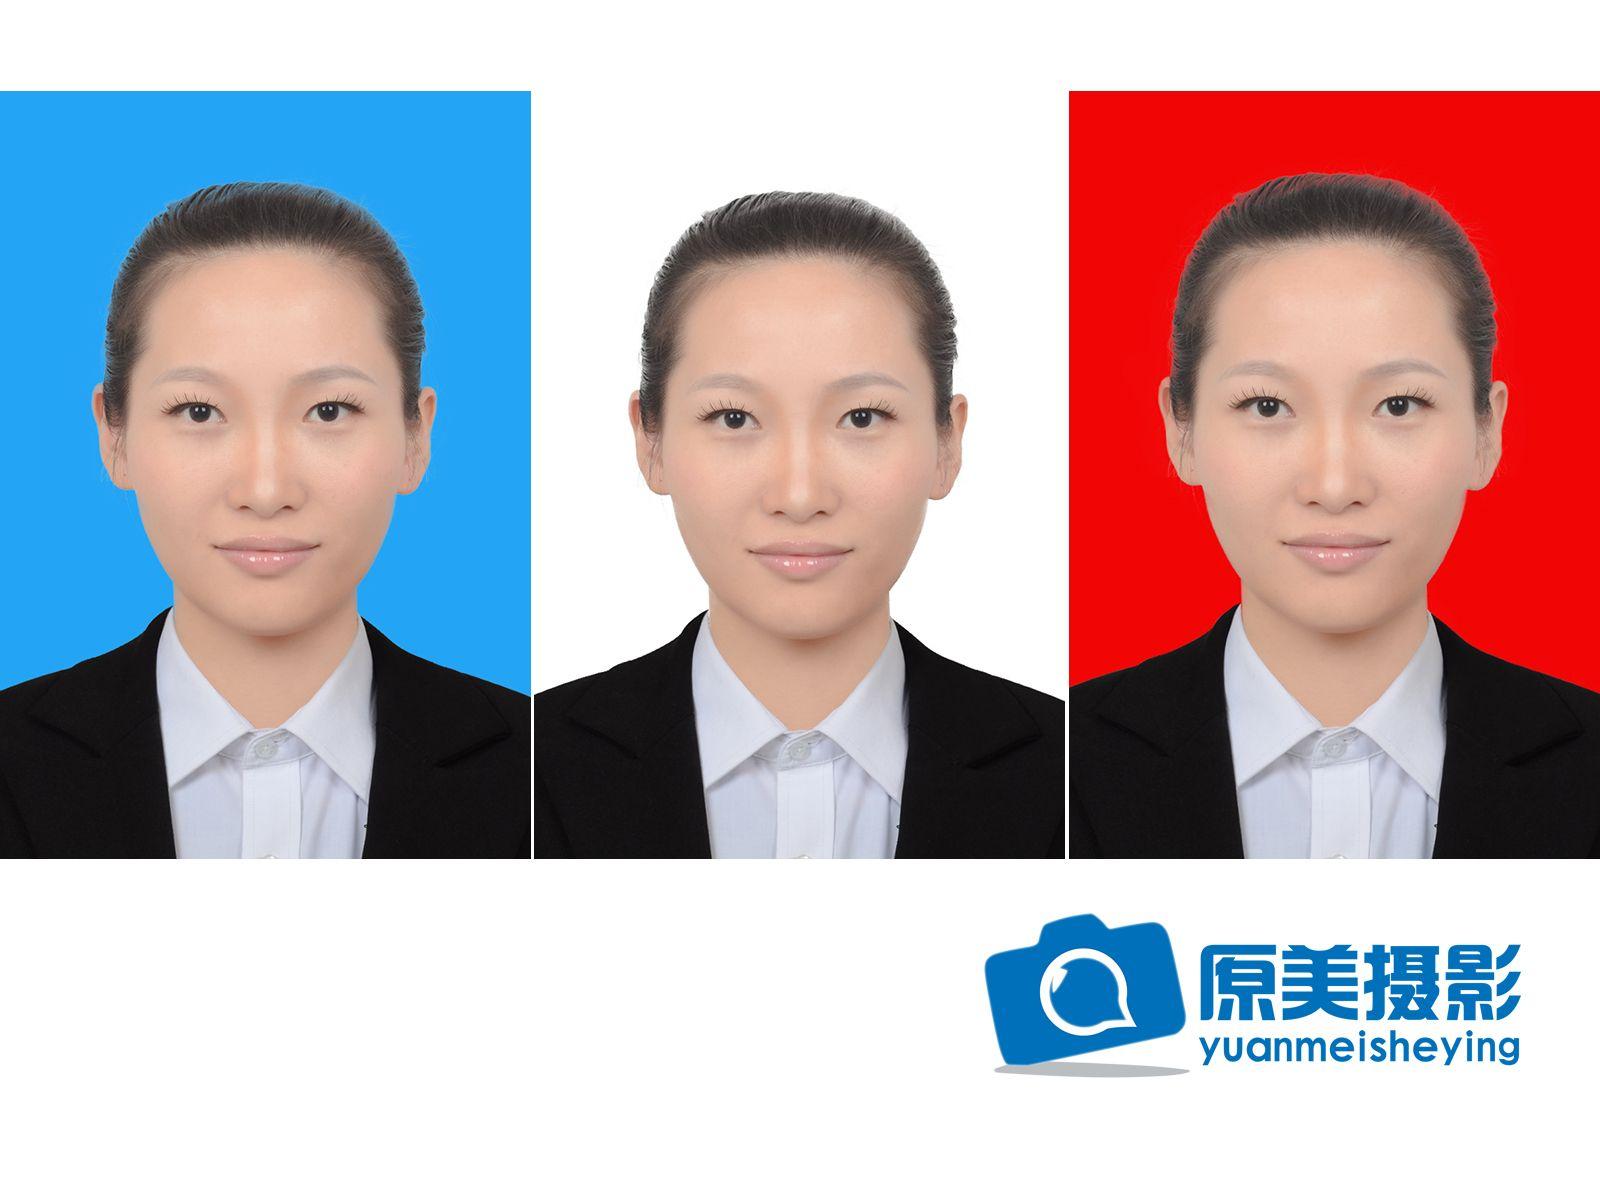 :长沙今日团购:【原美摄影】红白蓝三色精修证件照